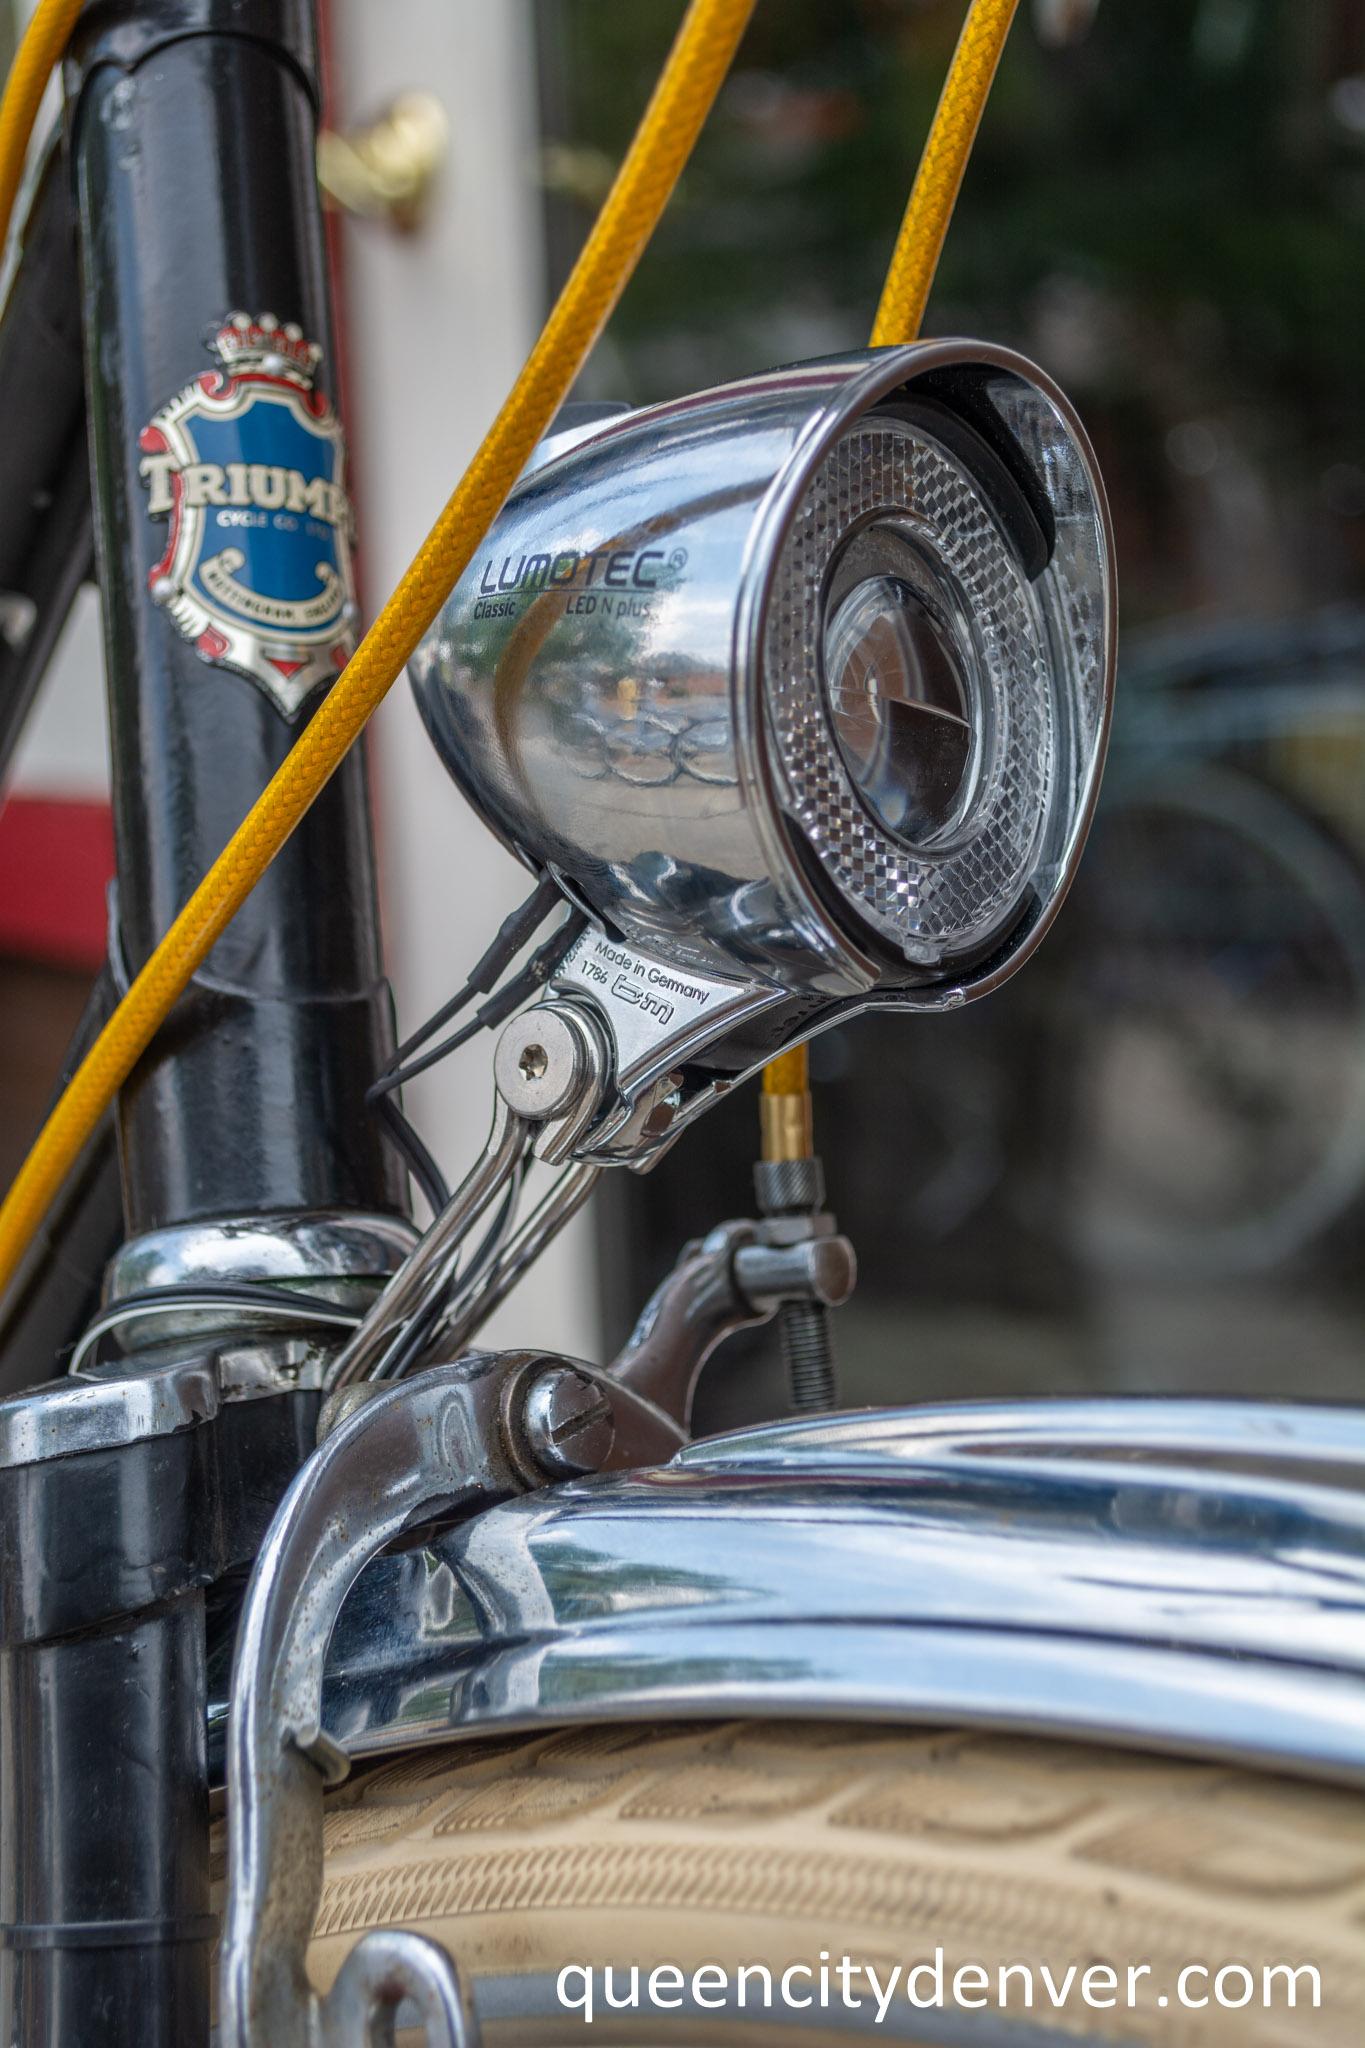 New Lumotec head lamp